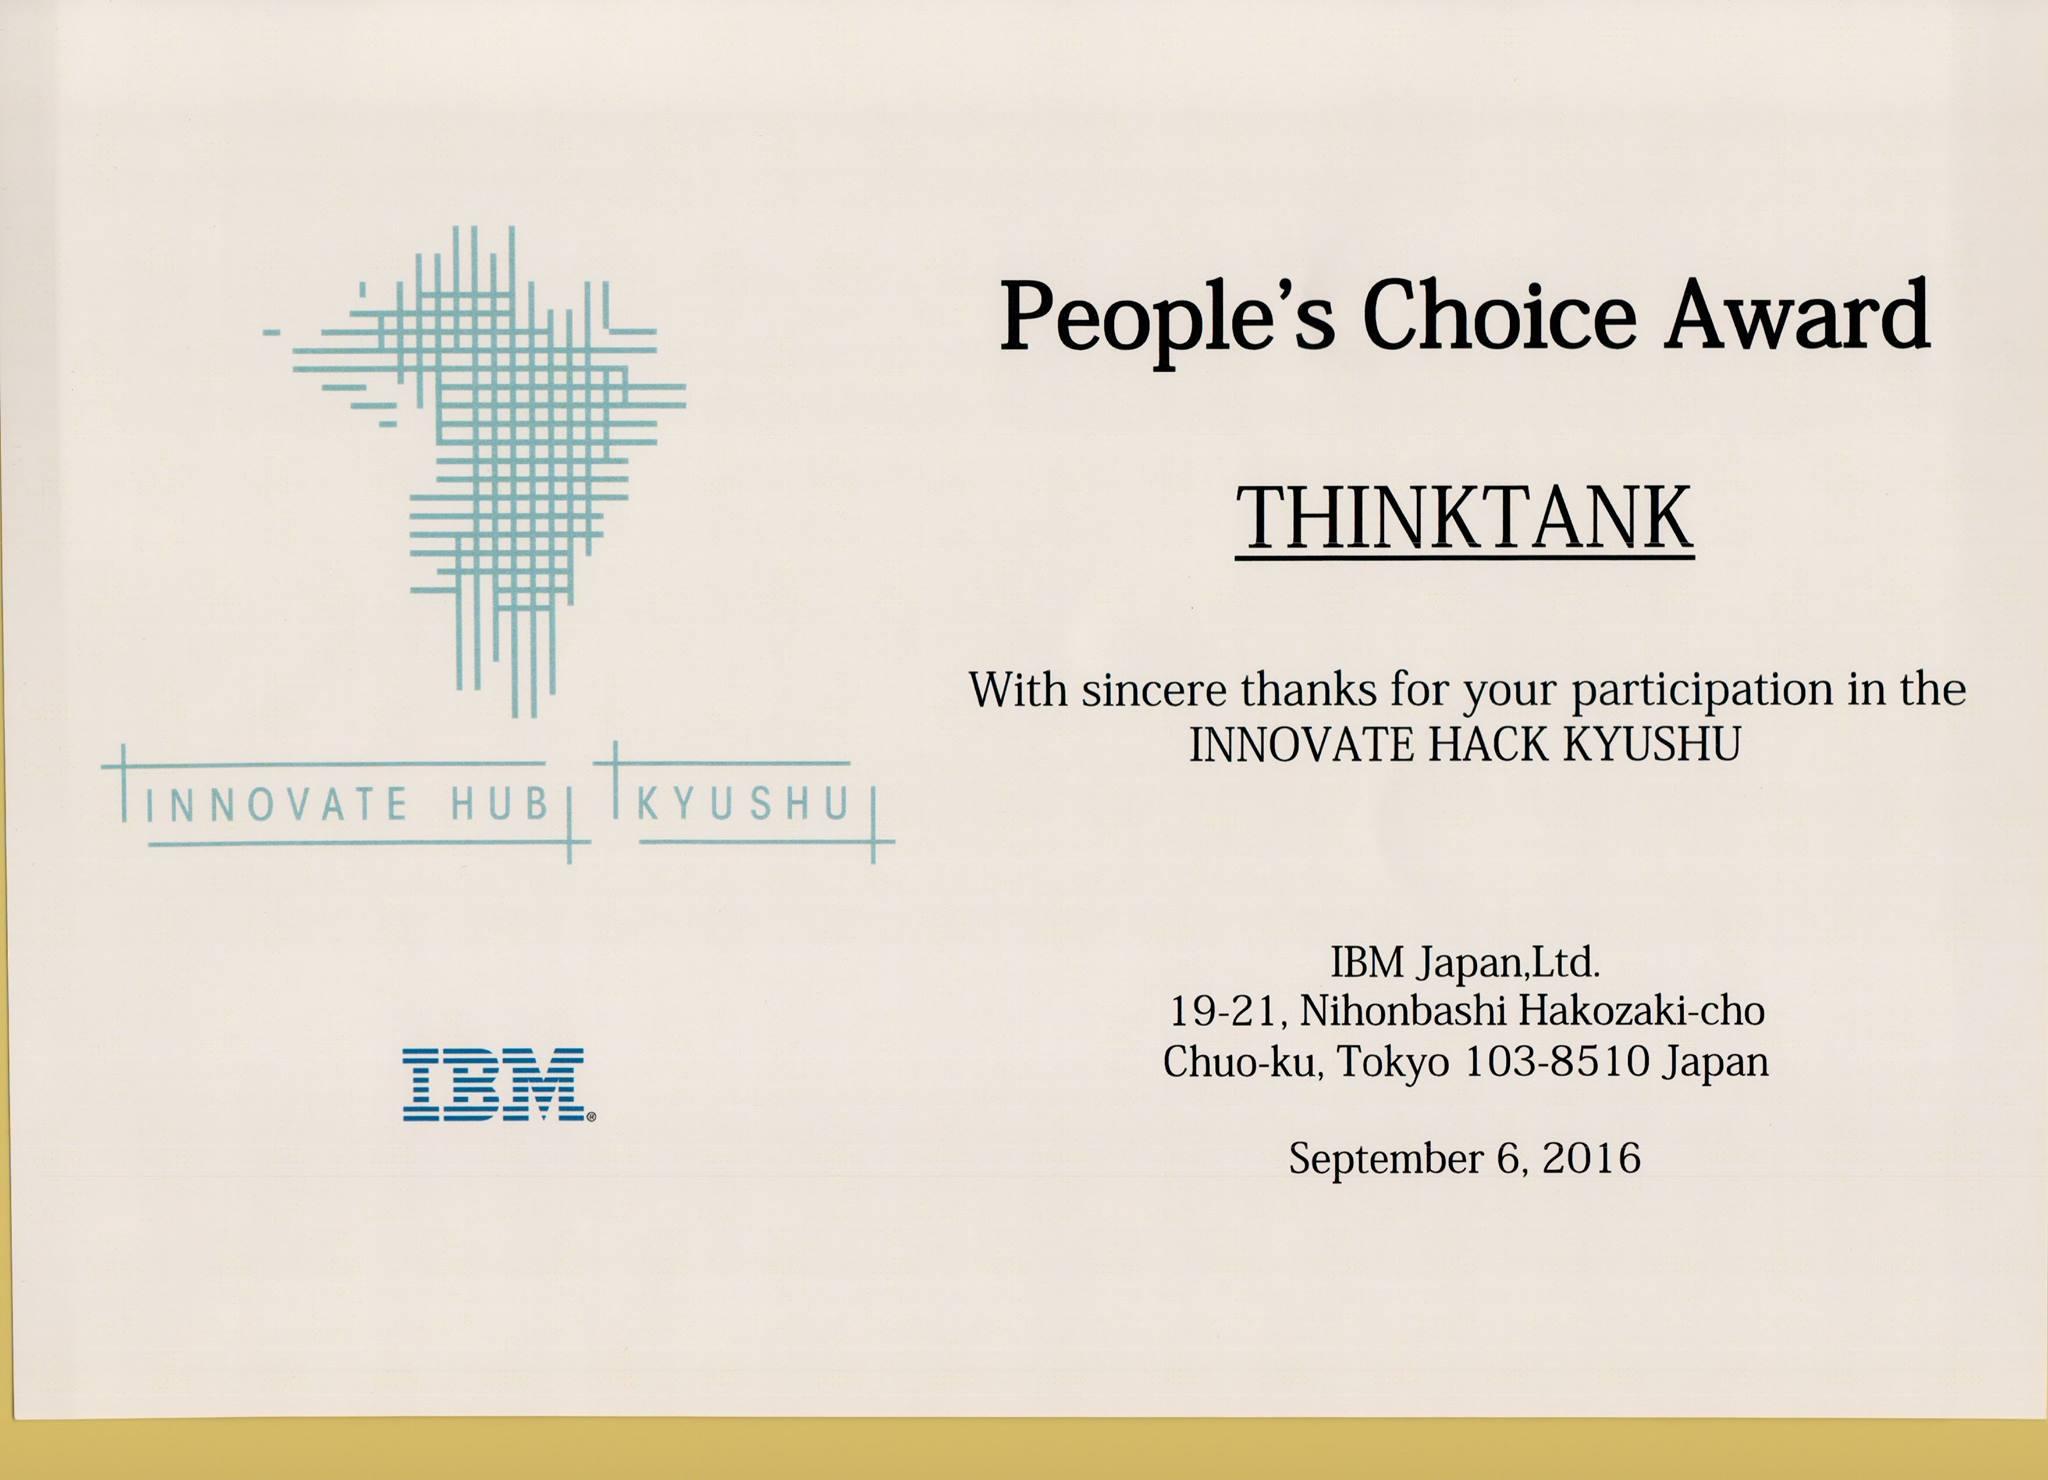 People's Choice Award at Japan Kyushu hackathon .